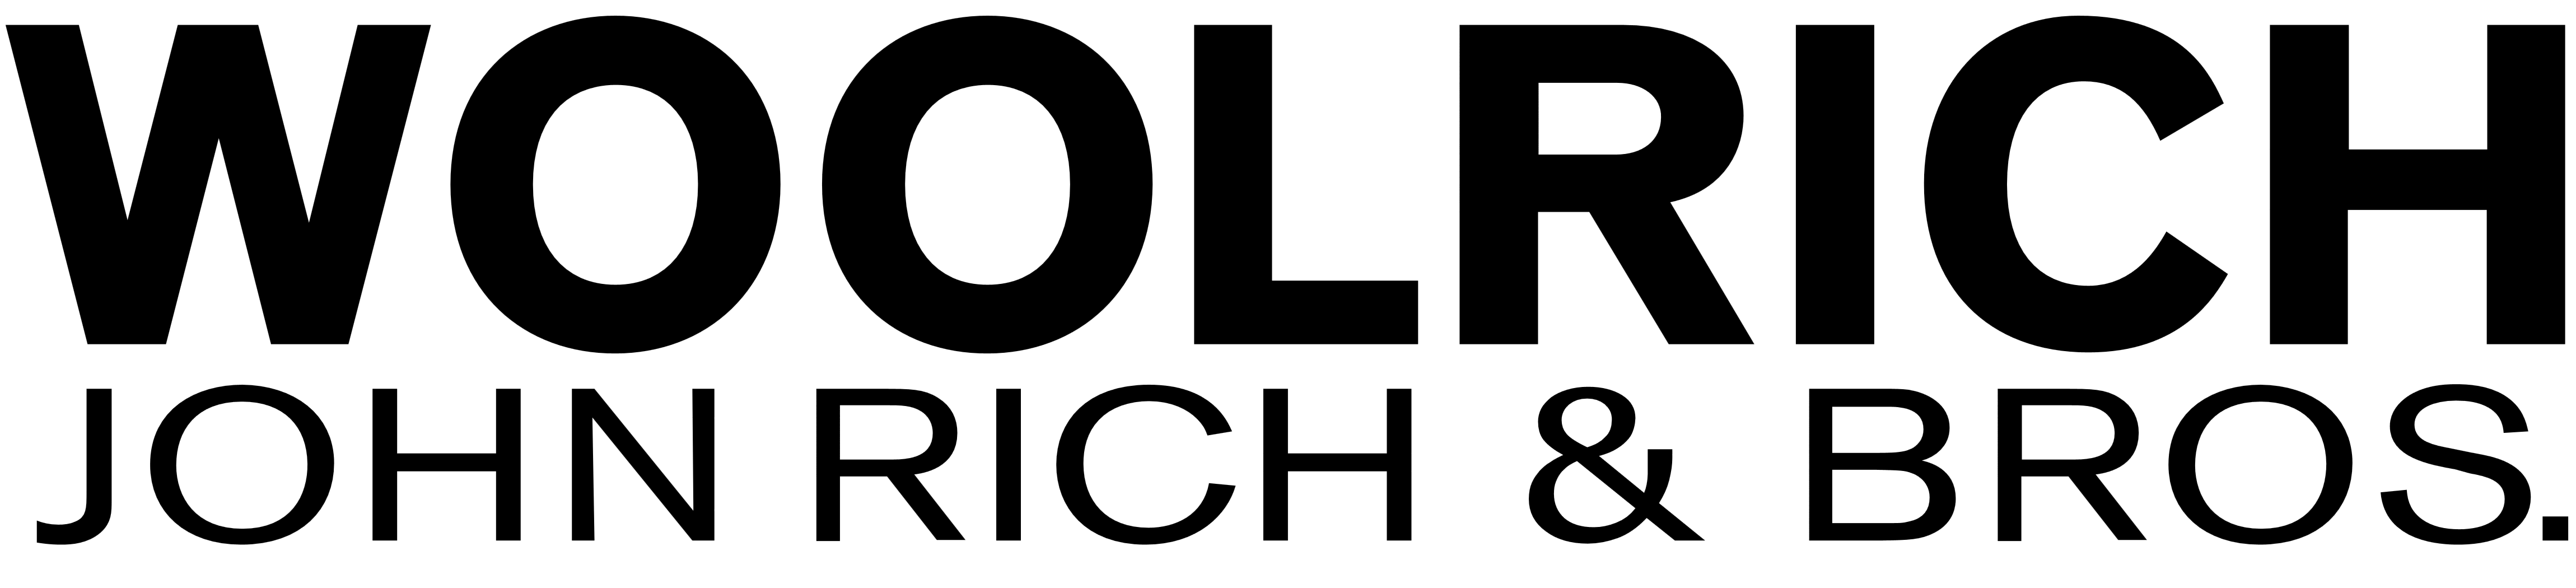 Woolrich Logos.